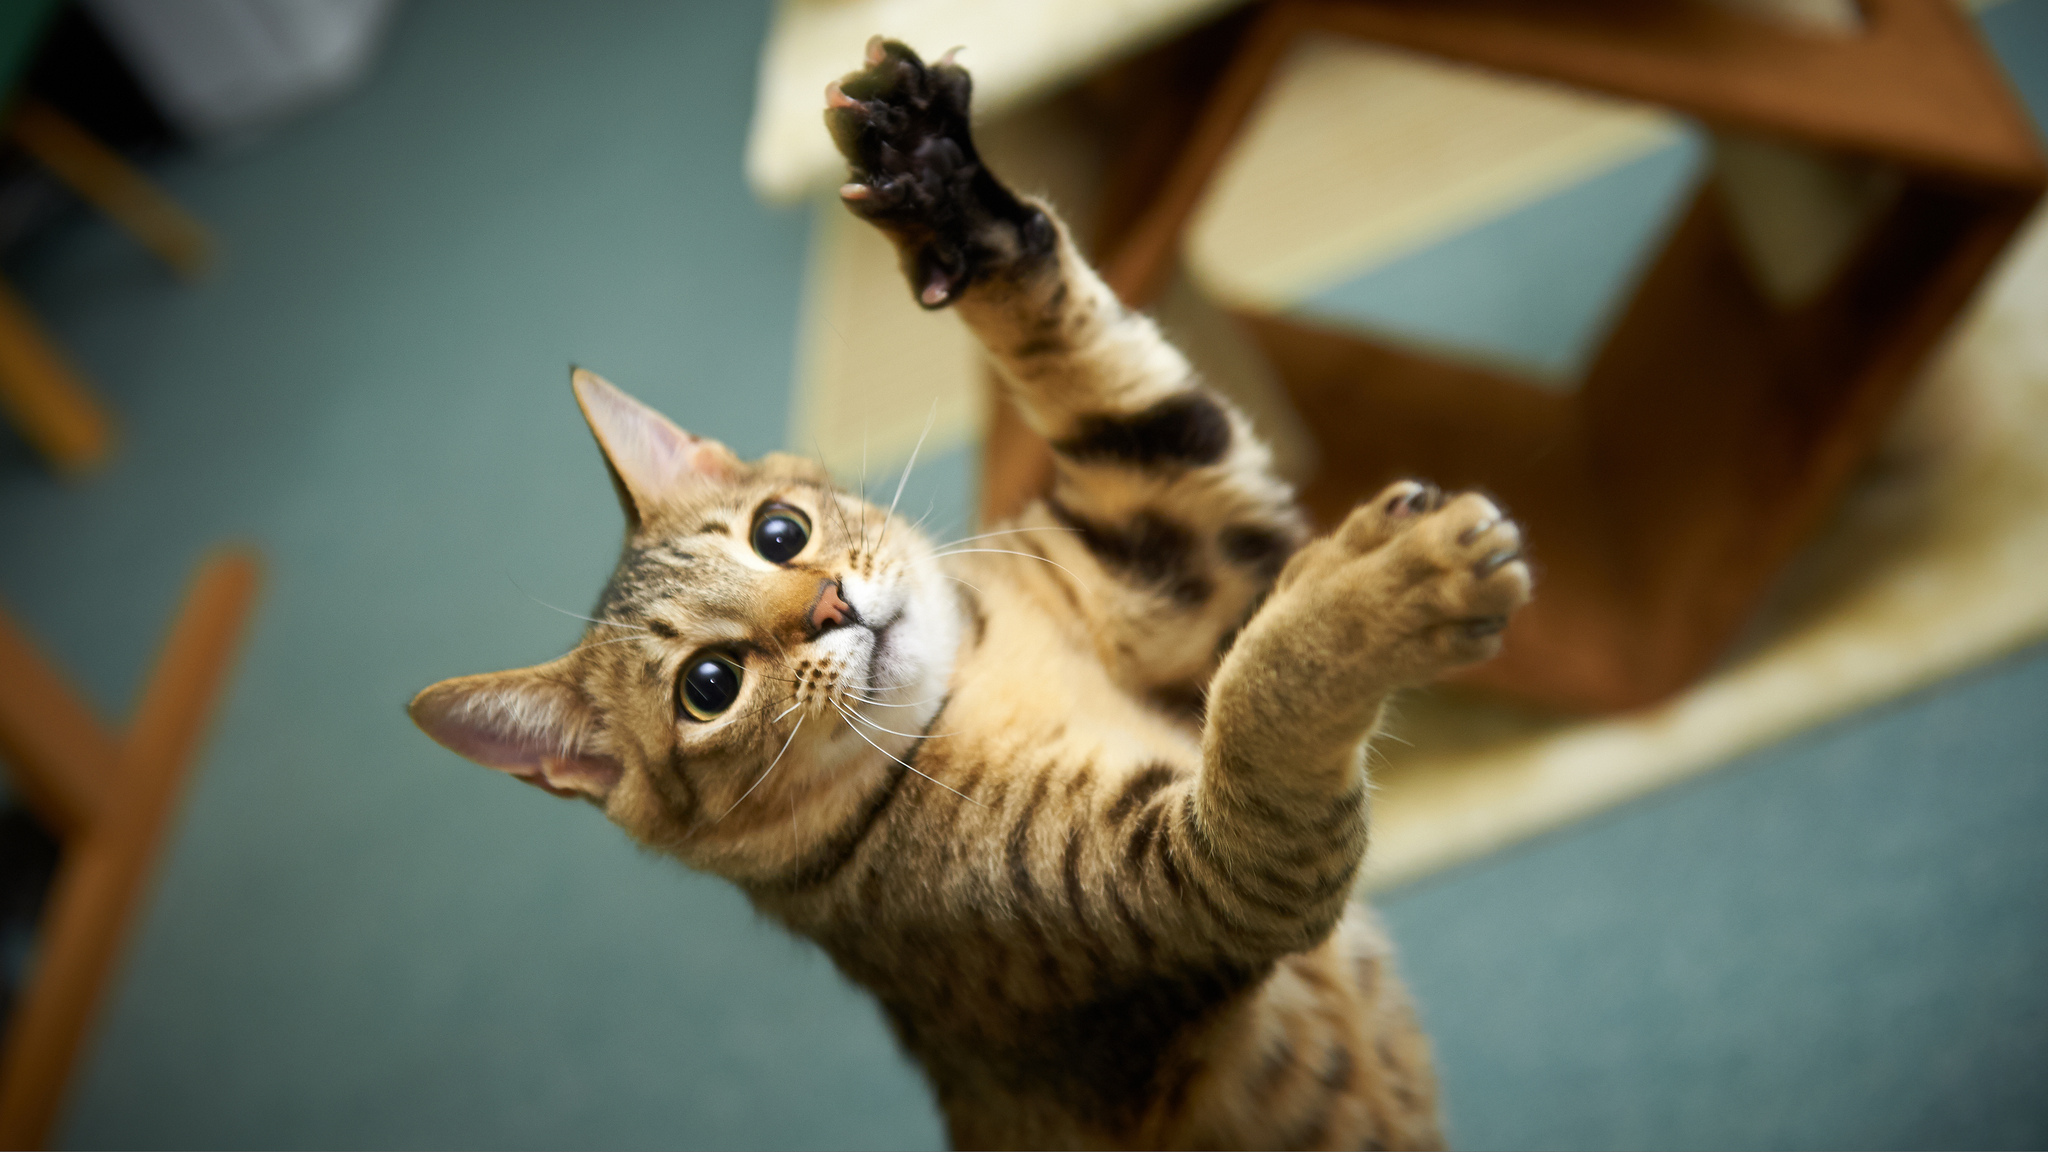 барельефов триумфальную картинки прикольные кошки большое разрешение условия содержания